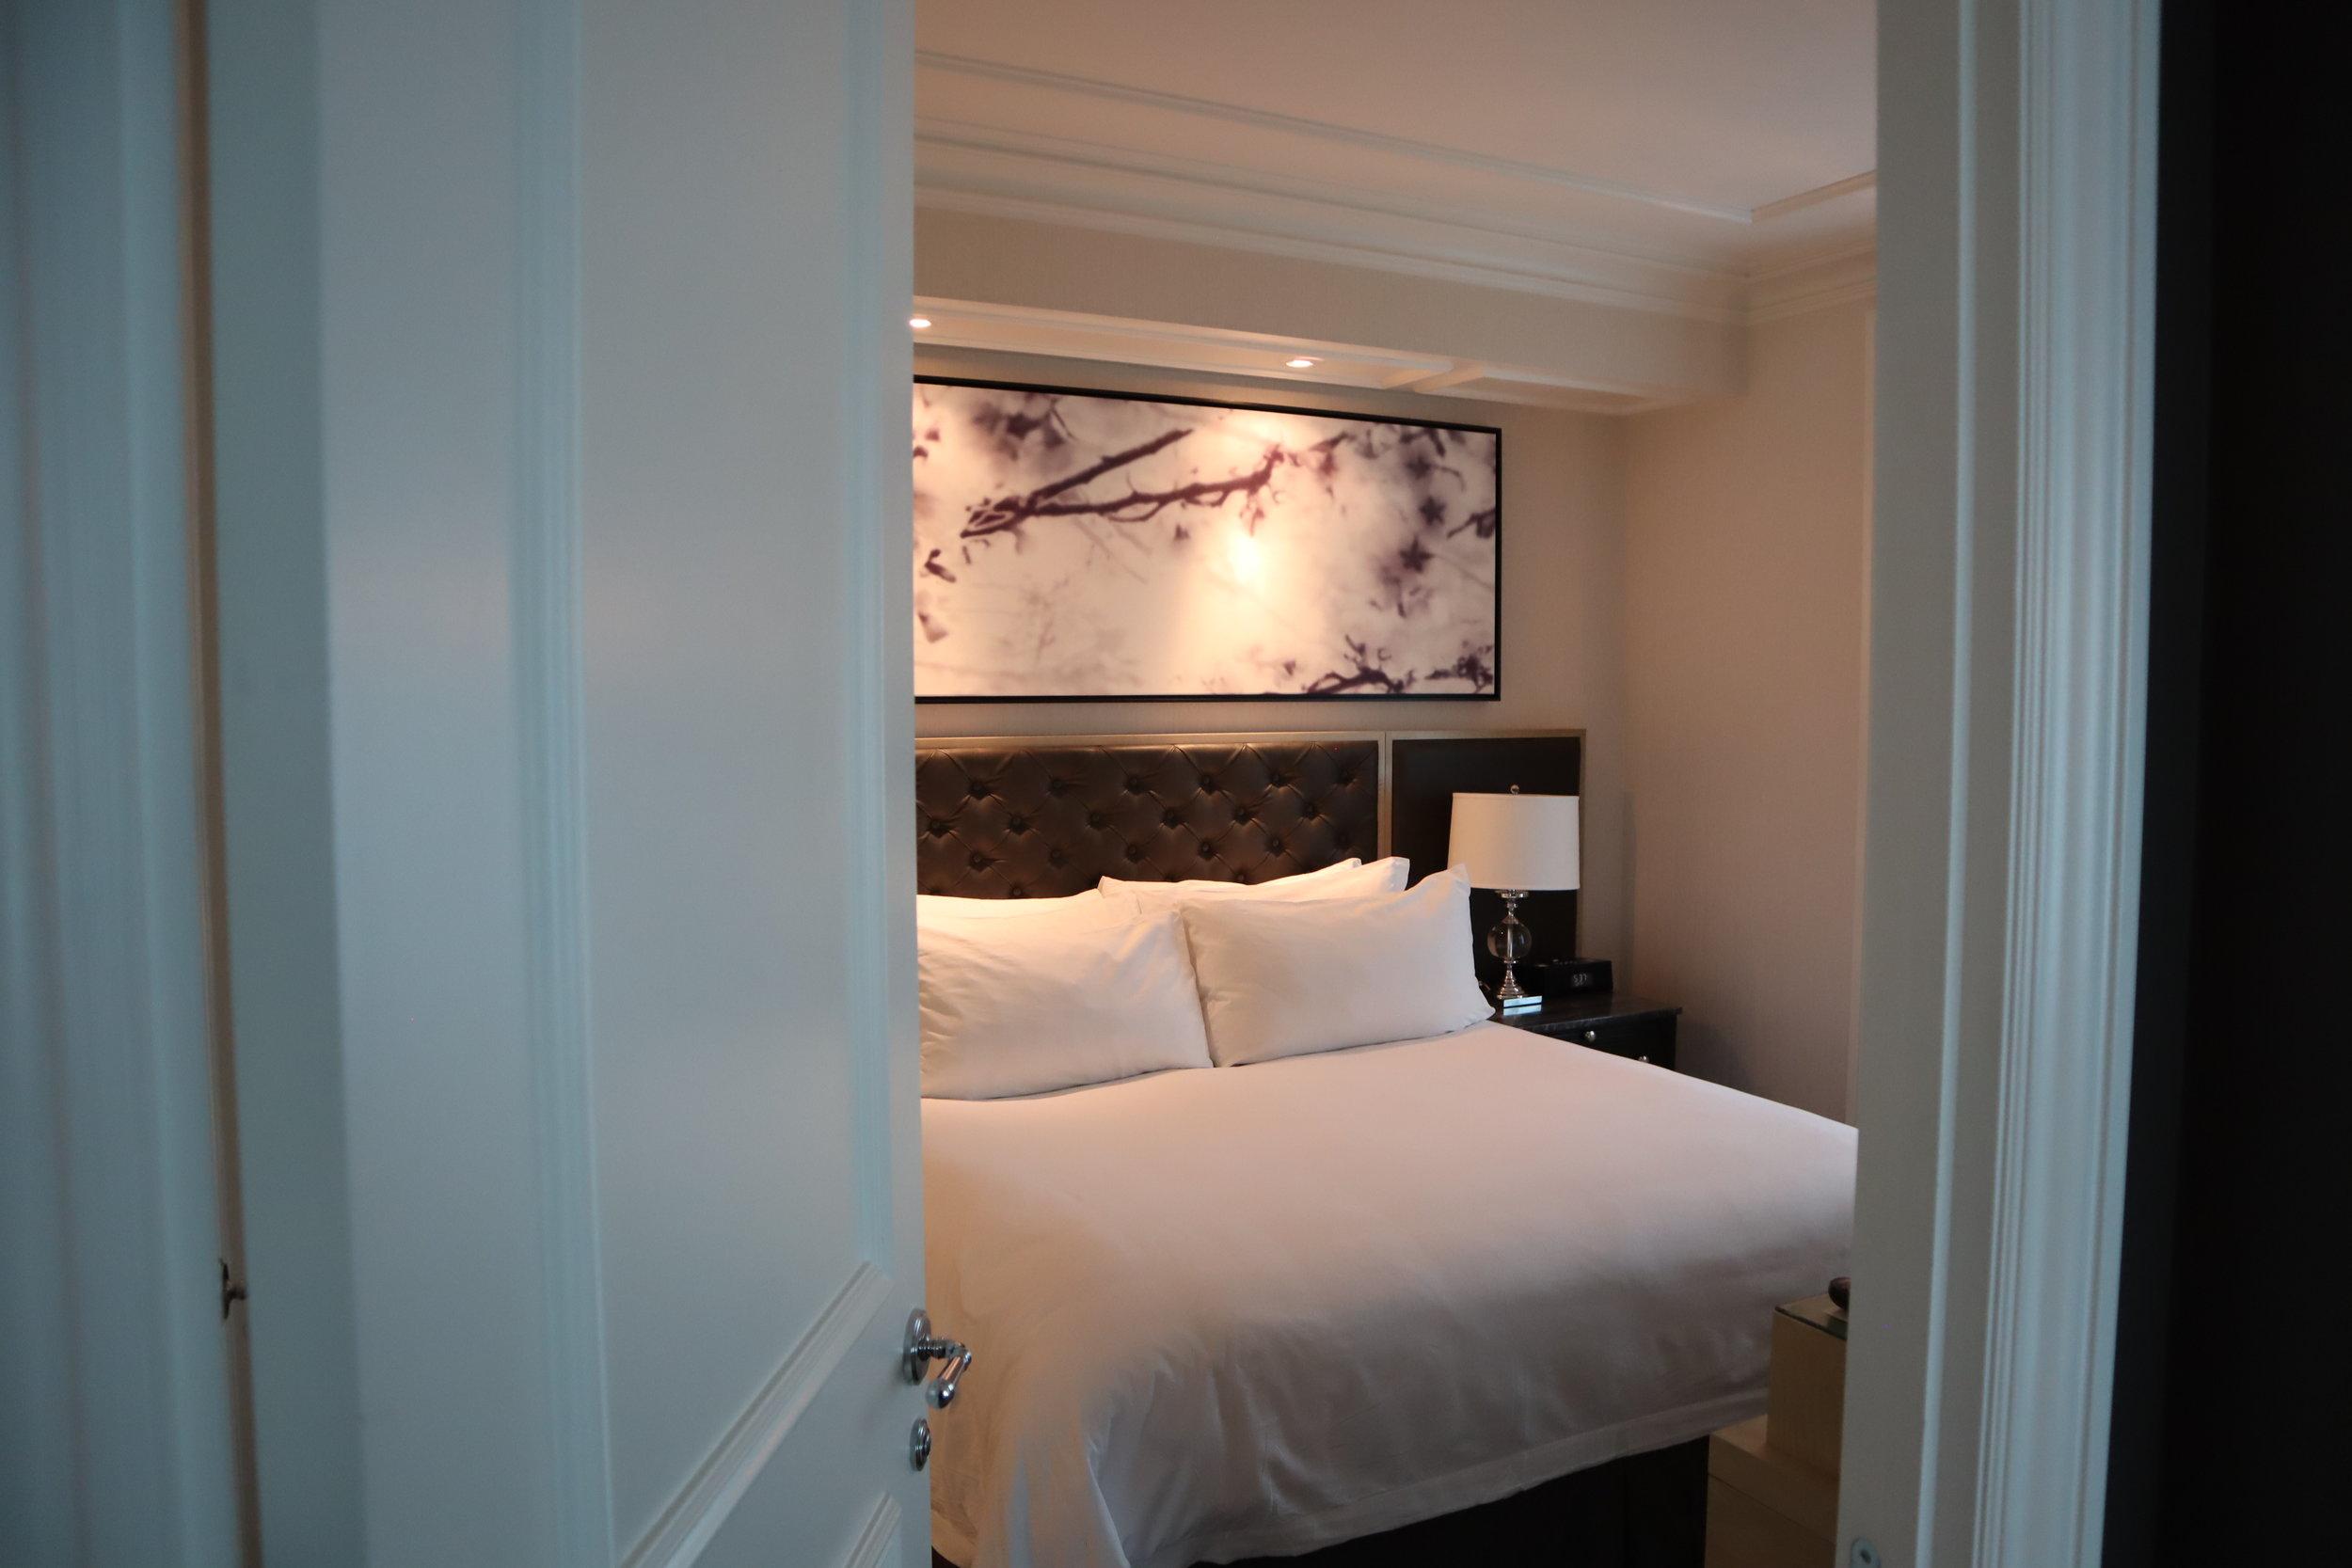 St. Regis Toronto – Two-bedroom suite guest bedroom